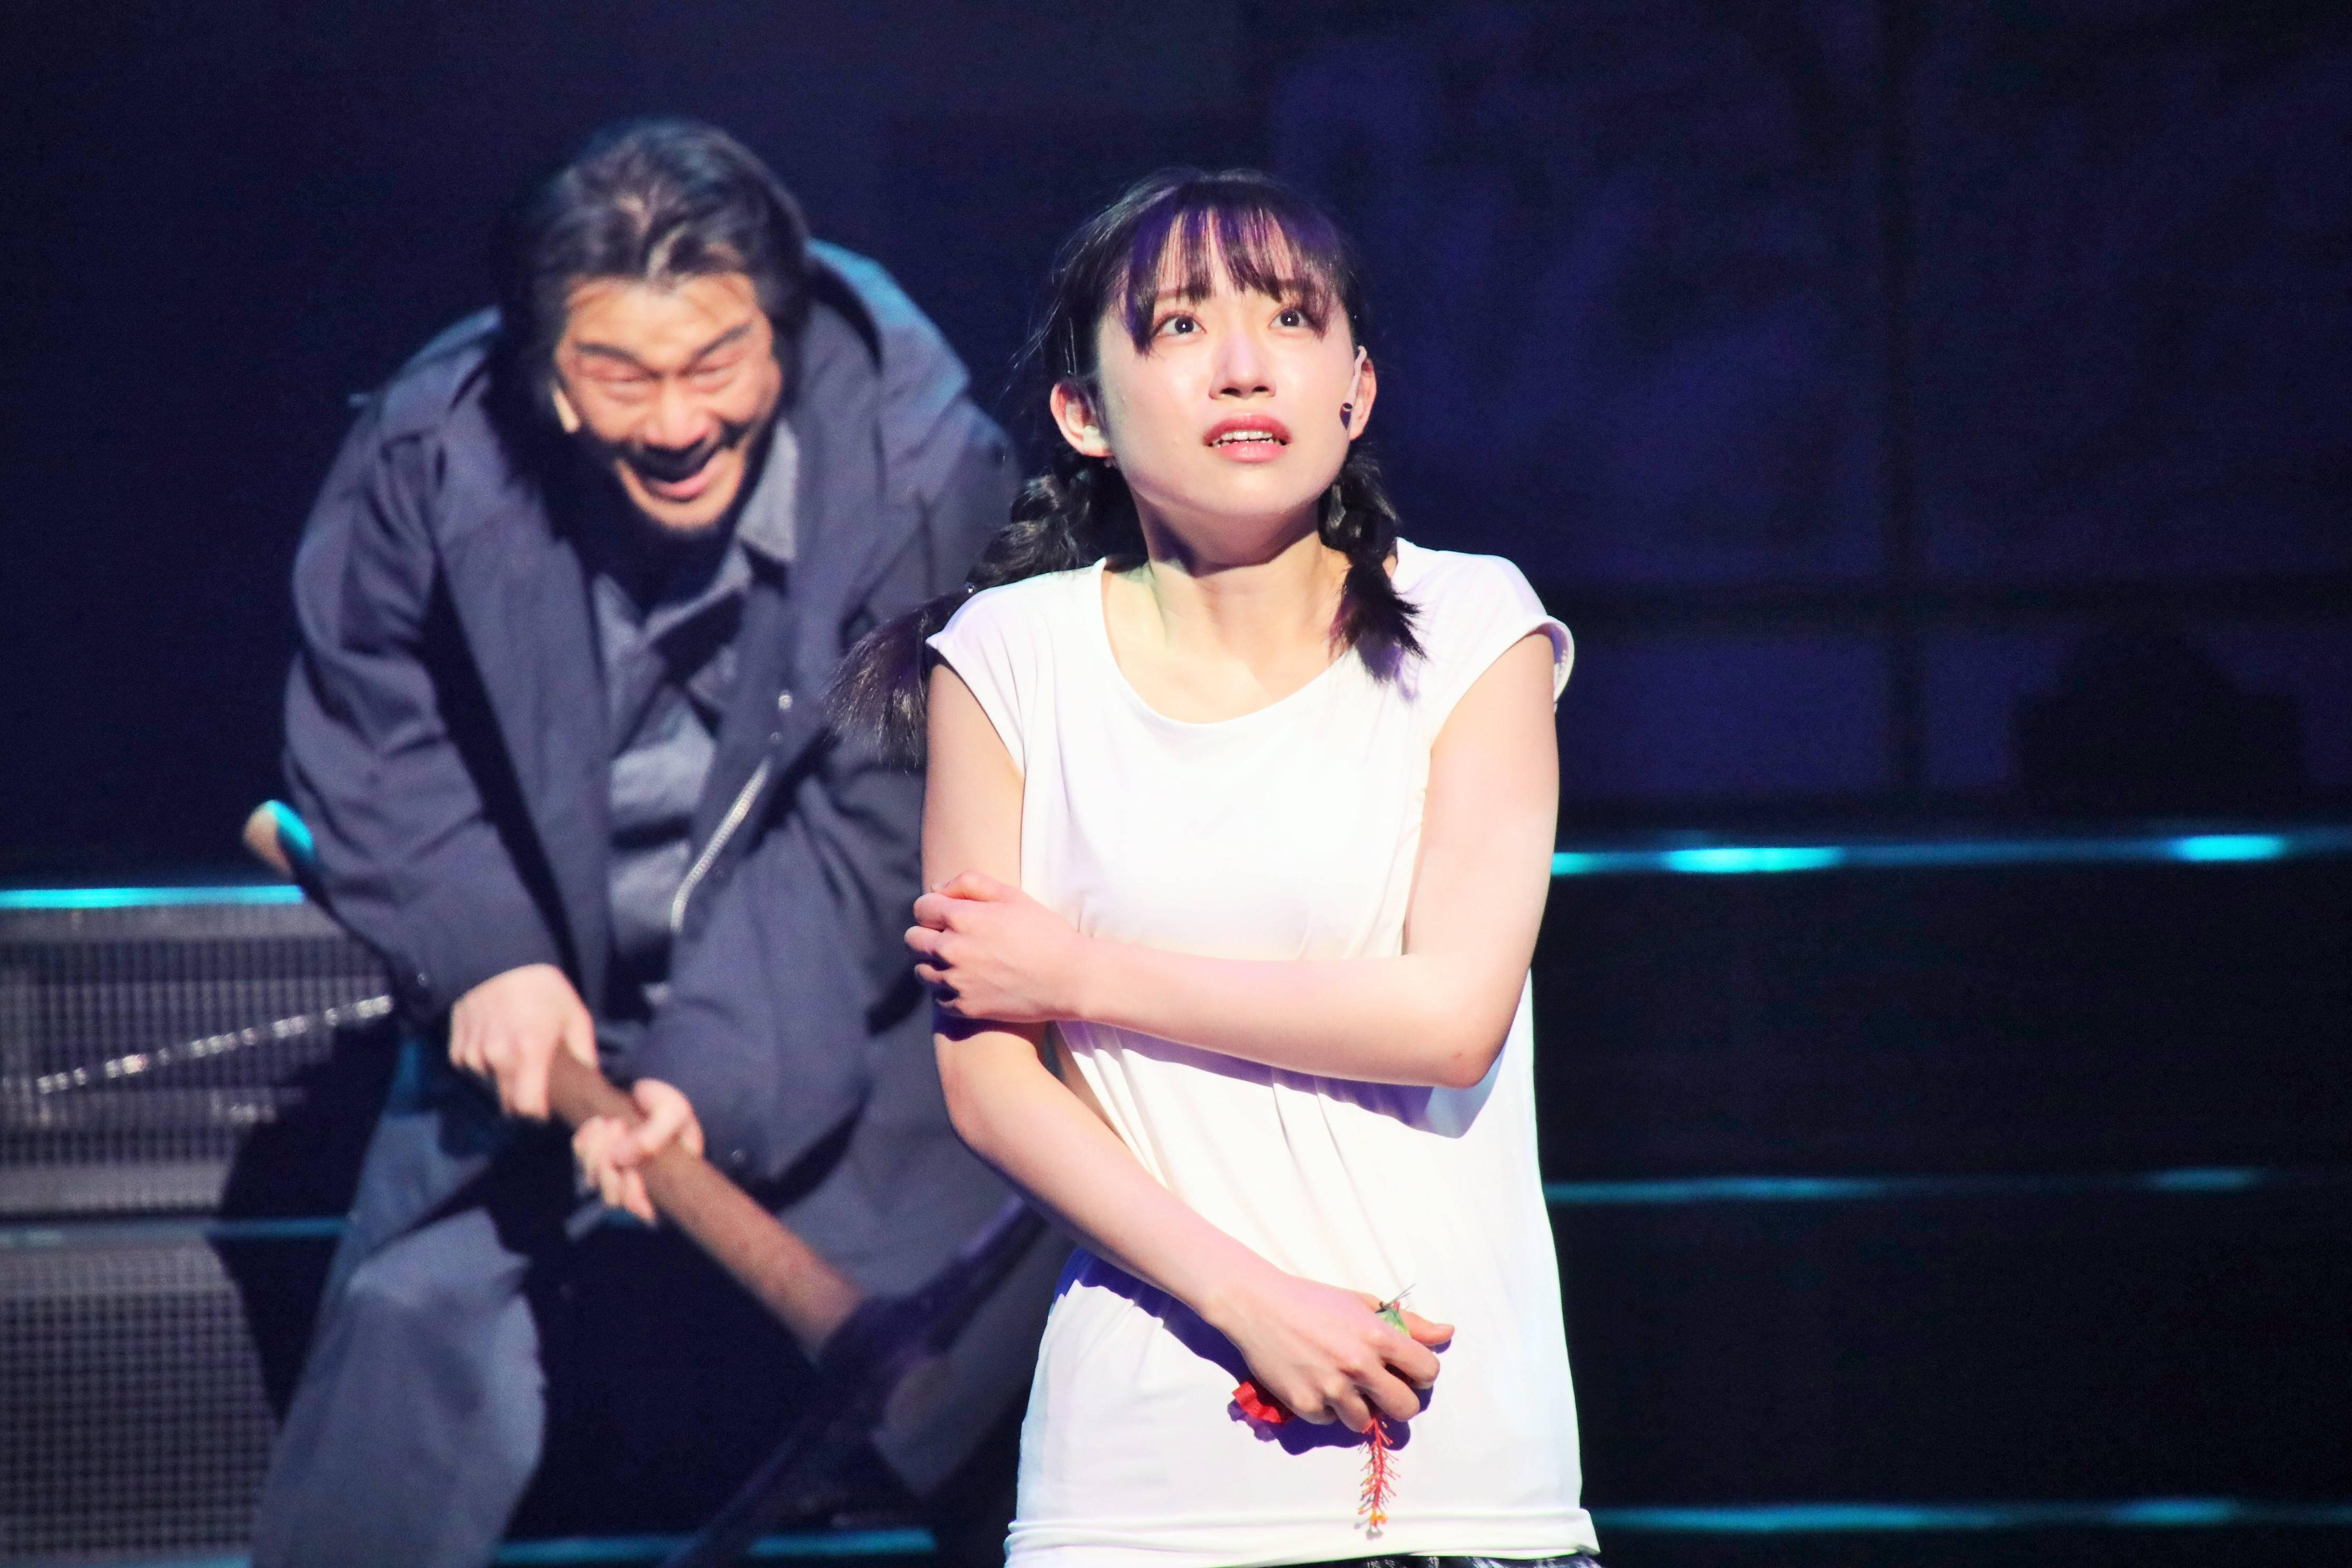 山内瑞葵演じる木村早苗:画像の無断転載・アップロードは一切禁止。